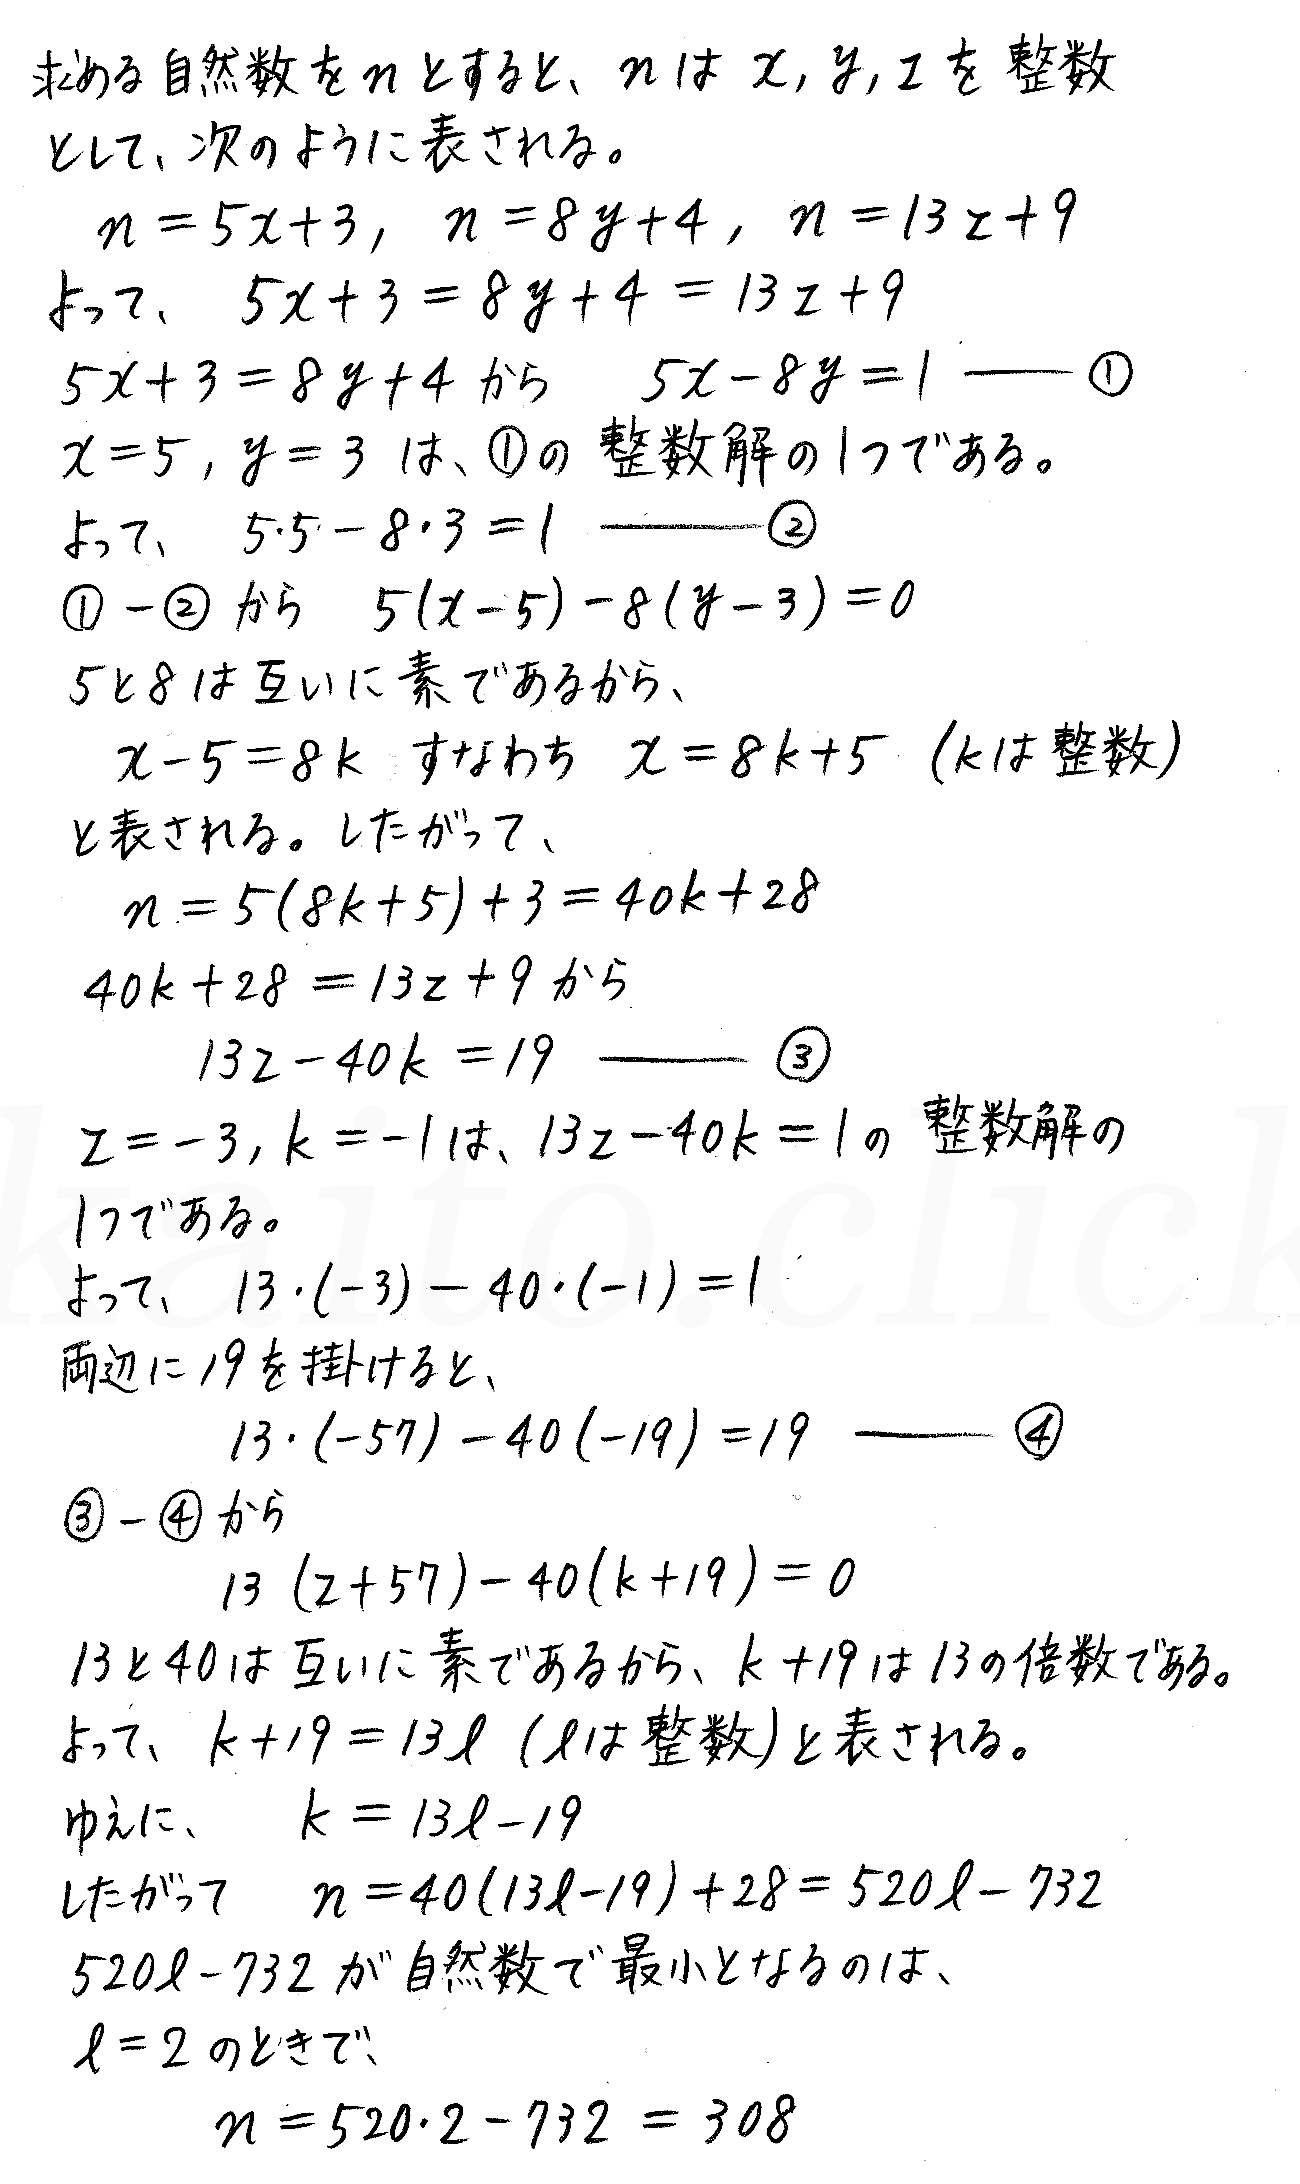 クリアー数学A-312解答